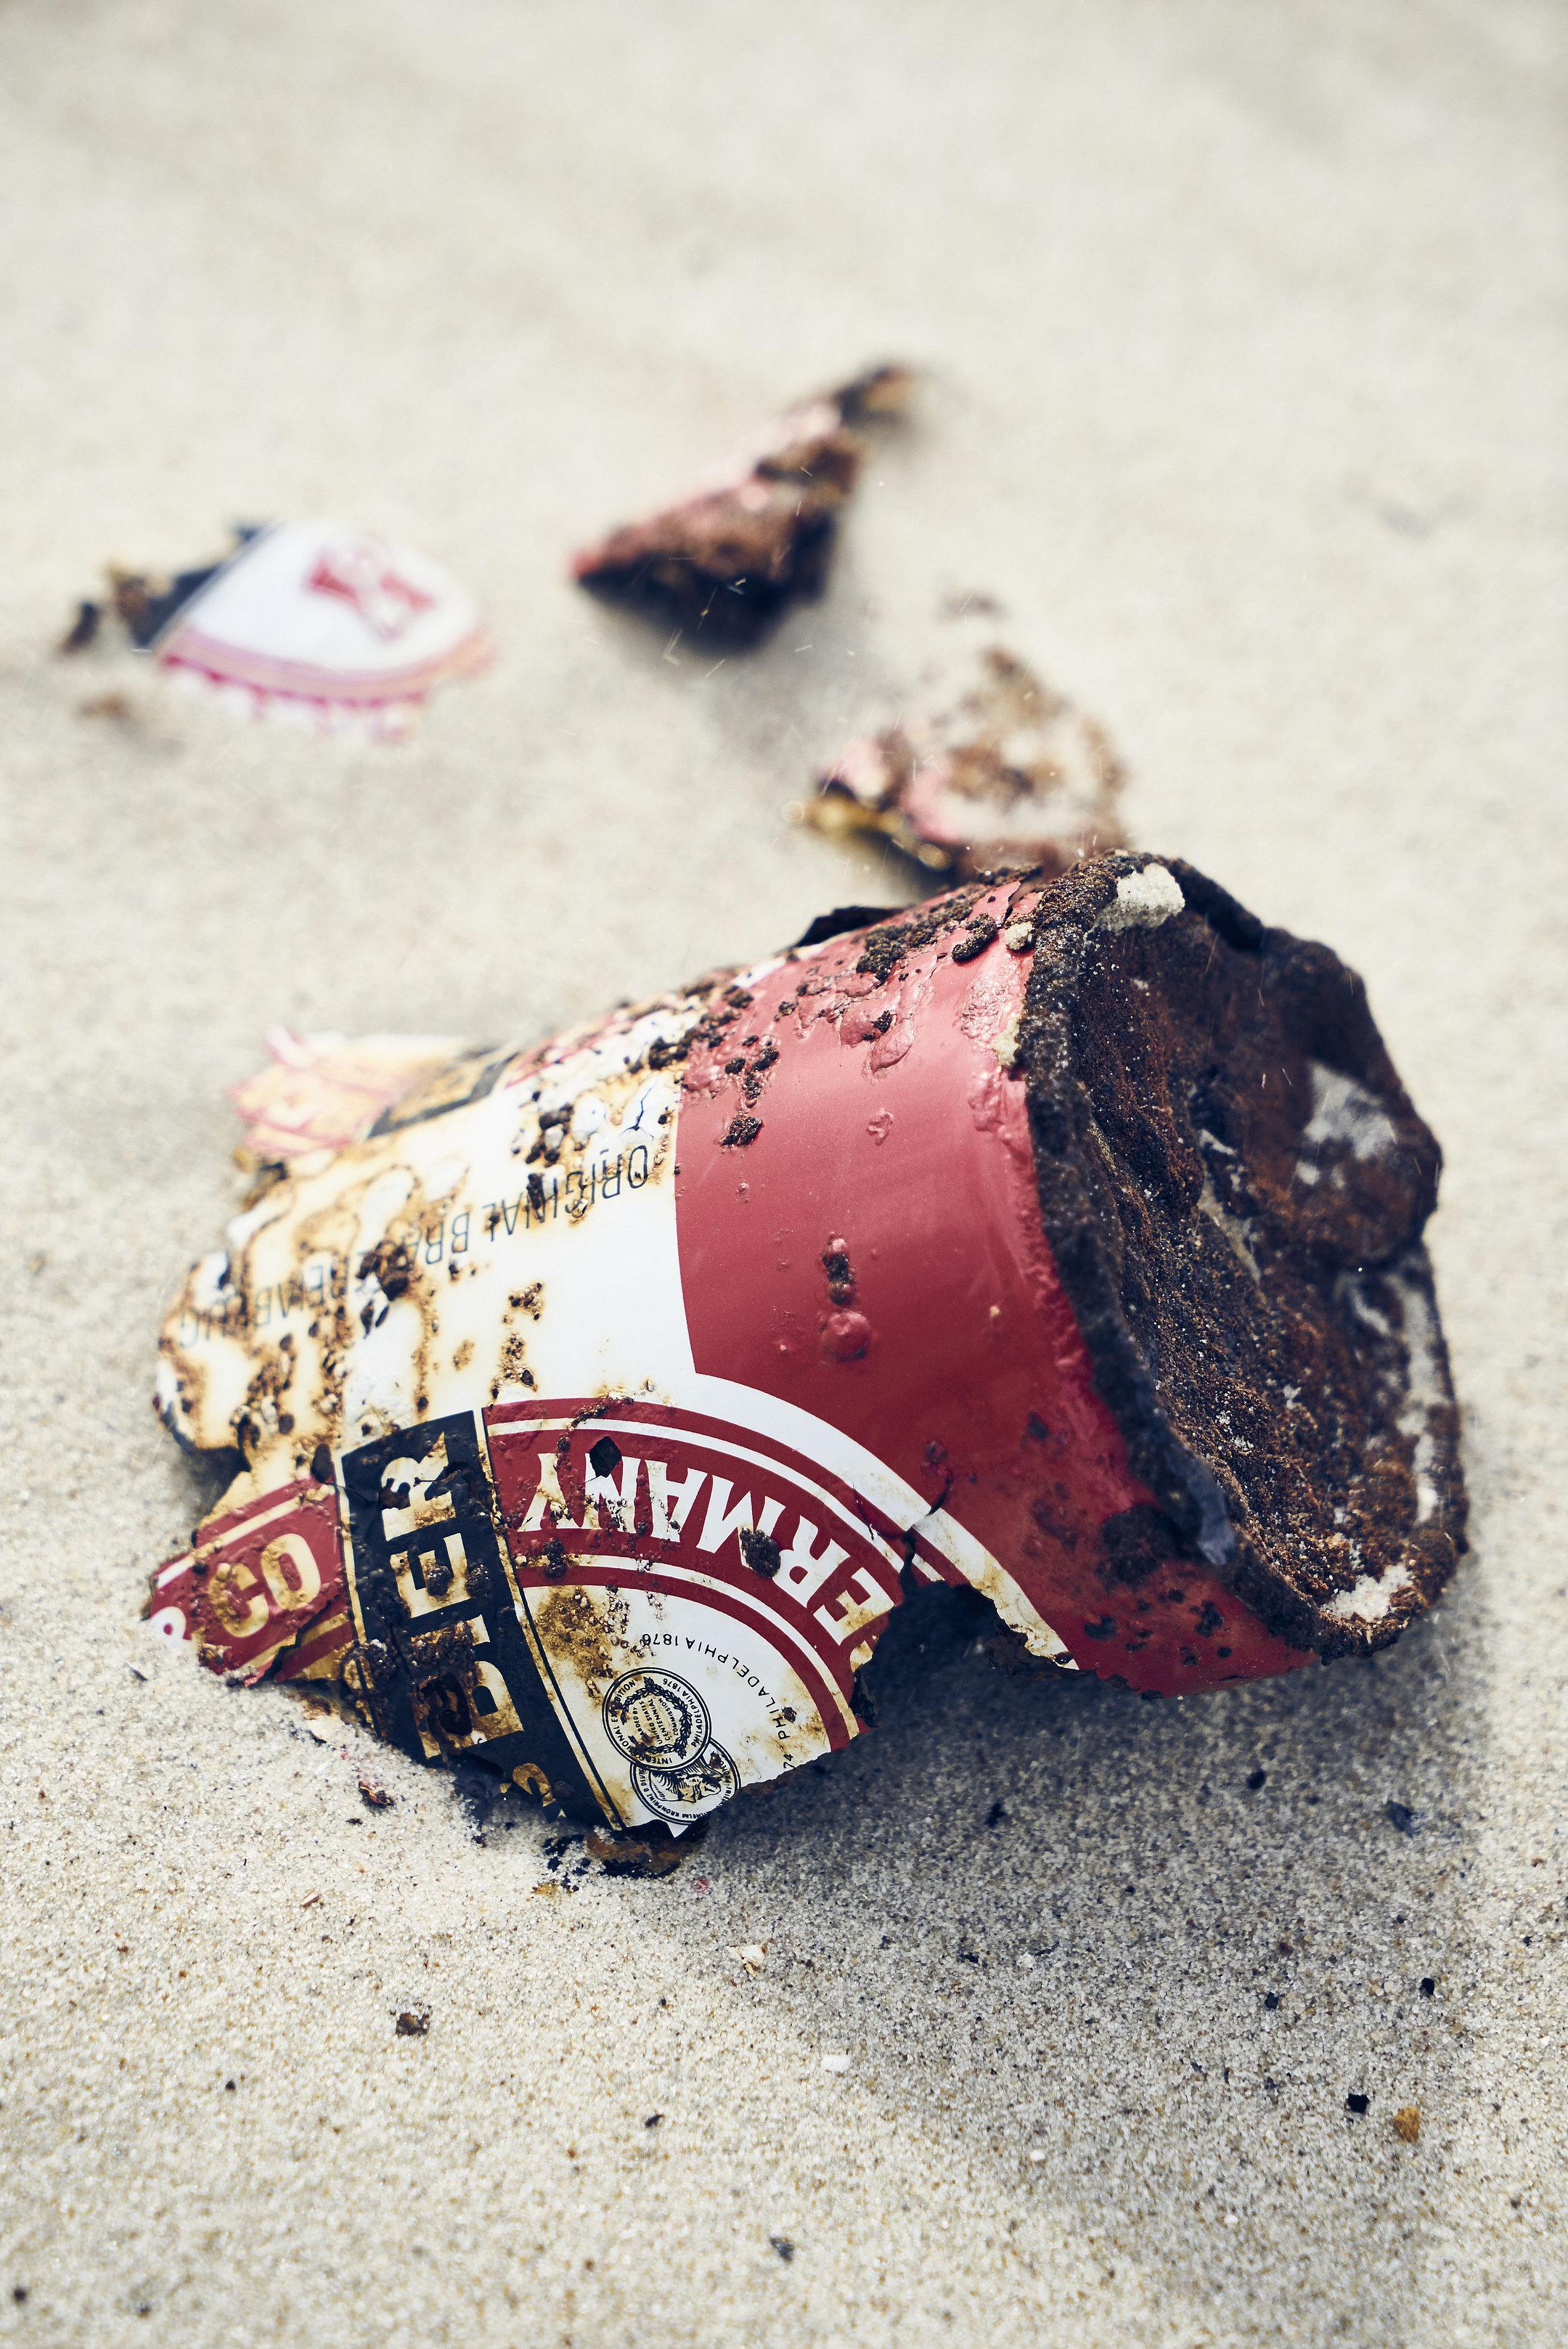 Becks Bierdose verrostet in Einzelteilen im Sand